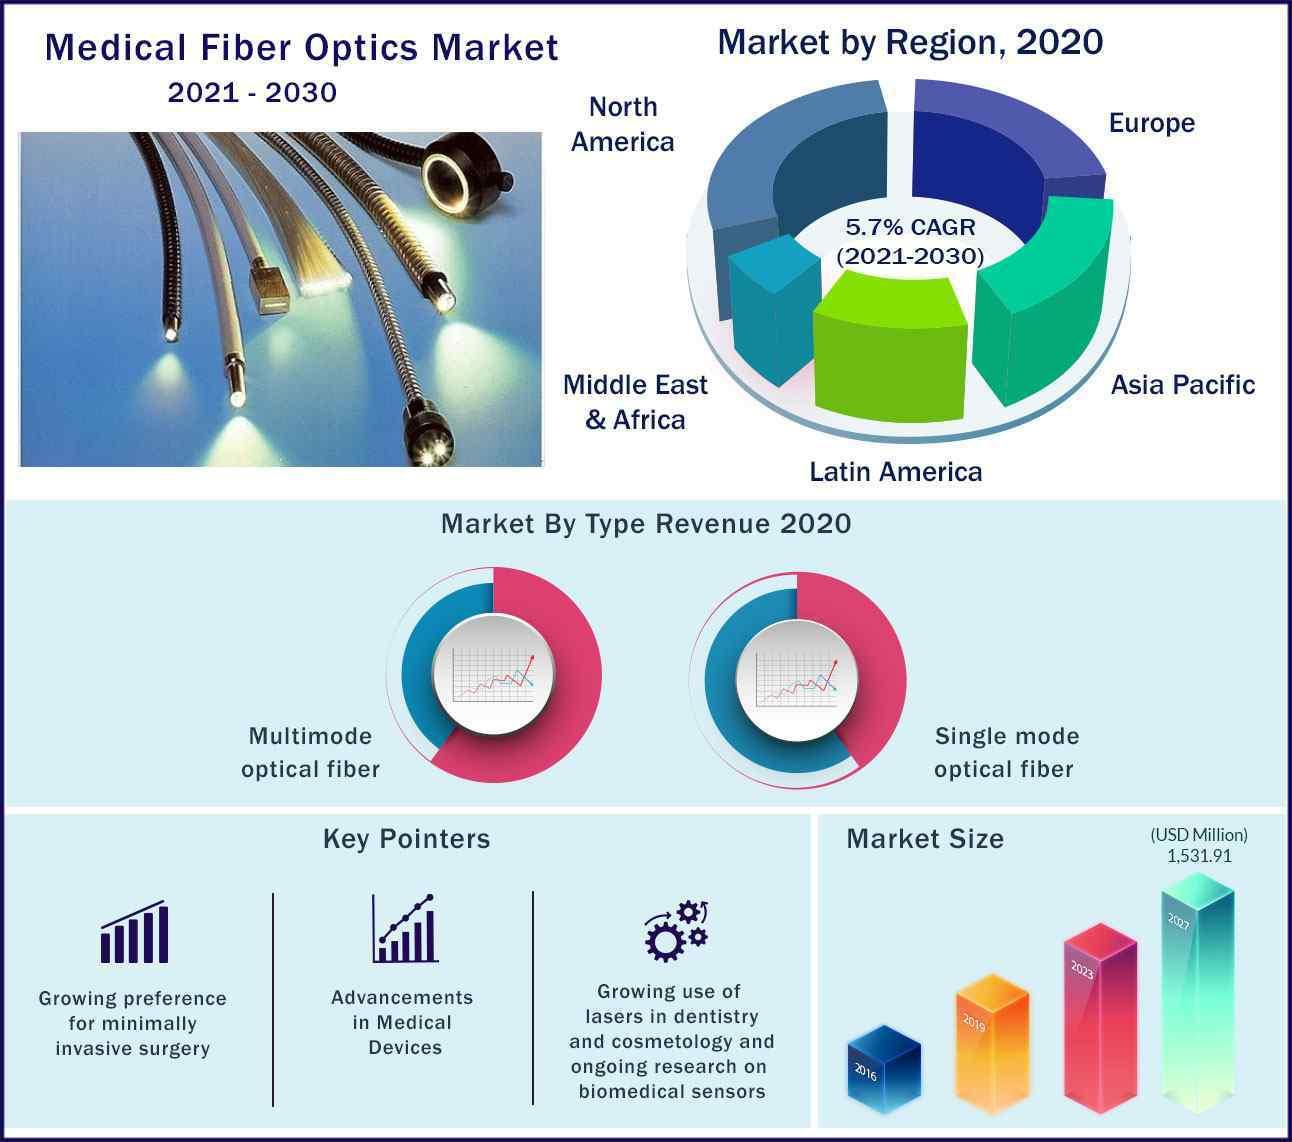 Global Medical Fiber Optics Market 2021-2030